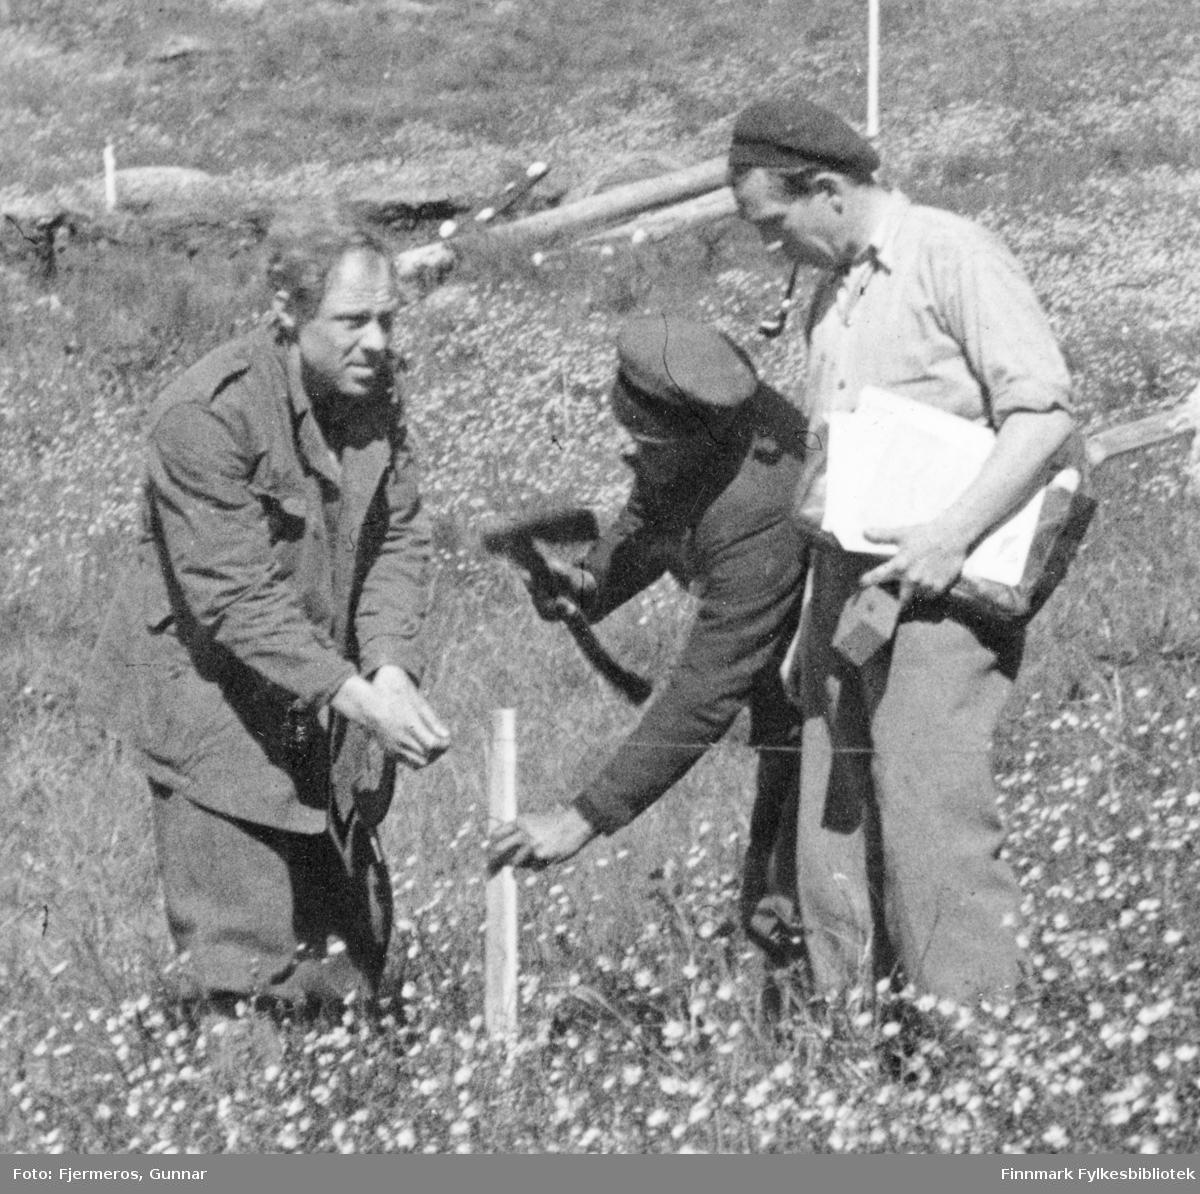 Tre menn måler og stikker ut en tomt. Personer og sted er ukjent, men det kan være i Honningsvåg like etter andre verdenskrig.